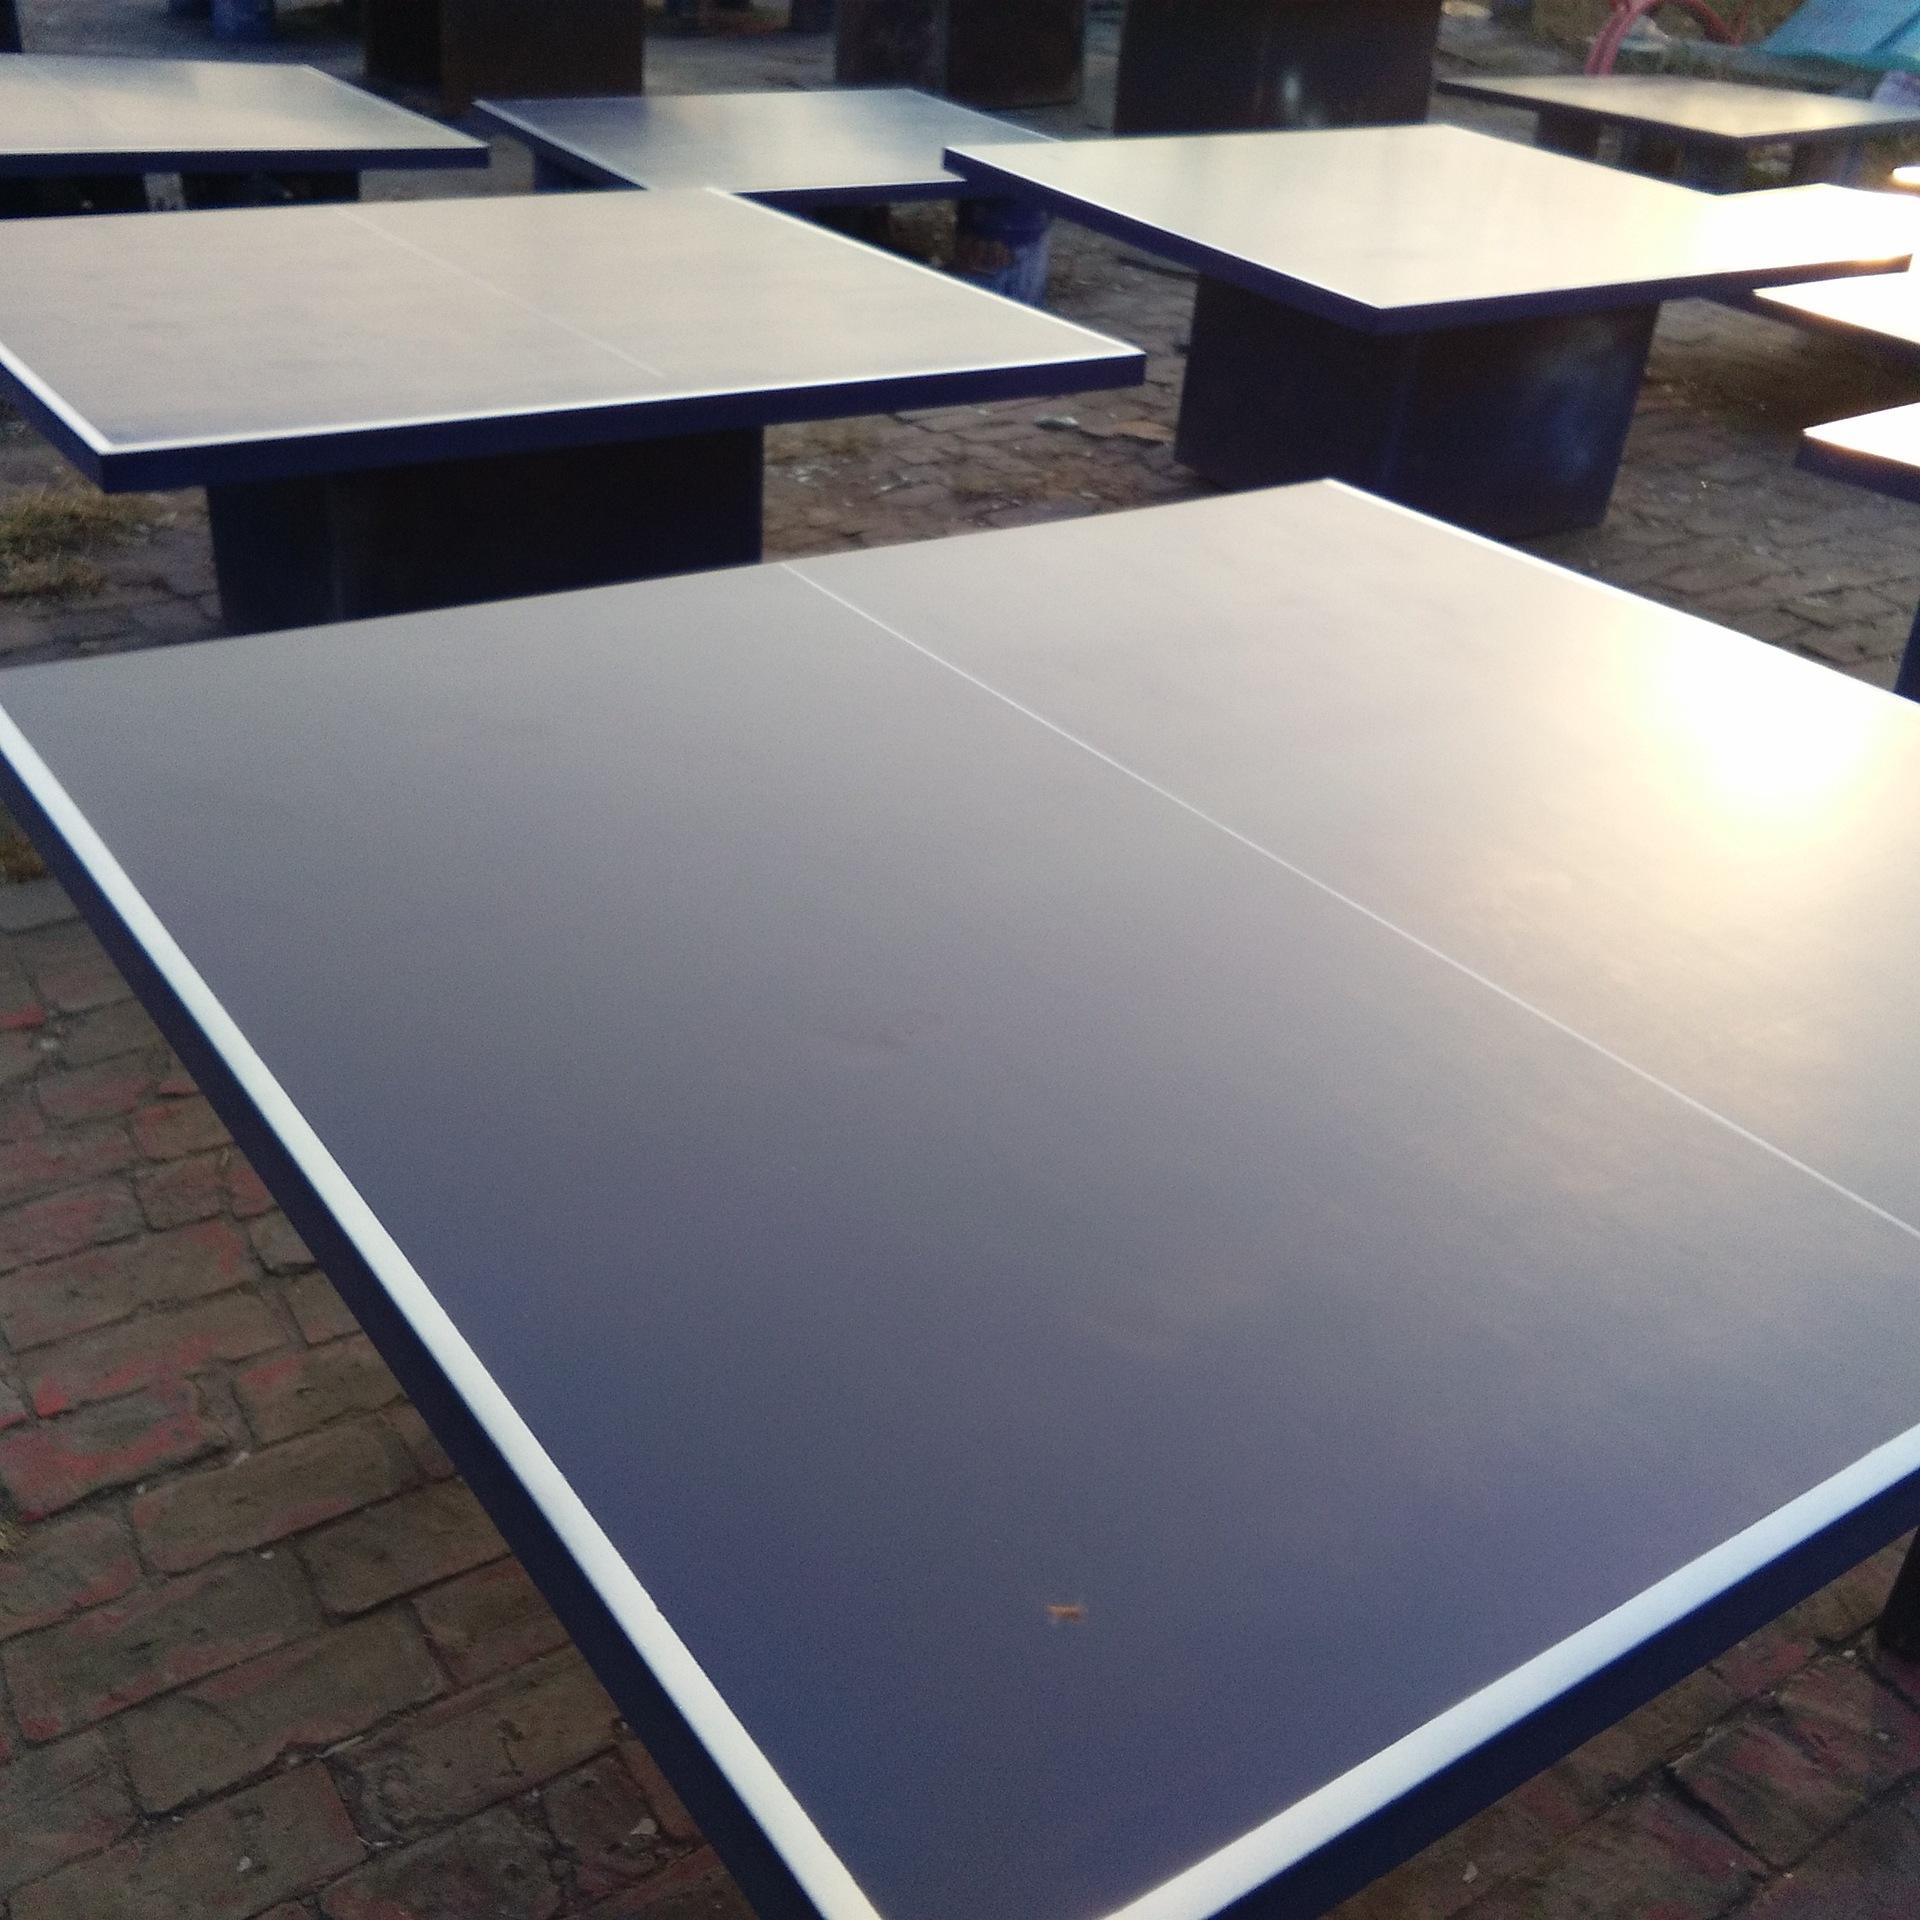 特价供应室内可移动乒乓球桌 家用标准乒乓球台 物美价廉售后无忧示例图24